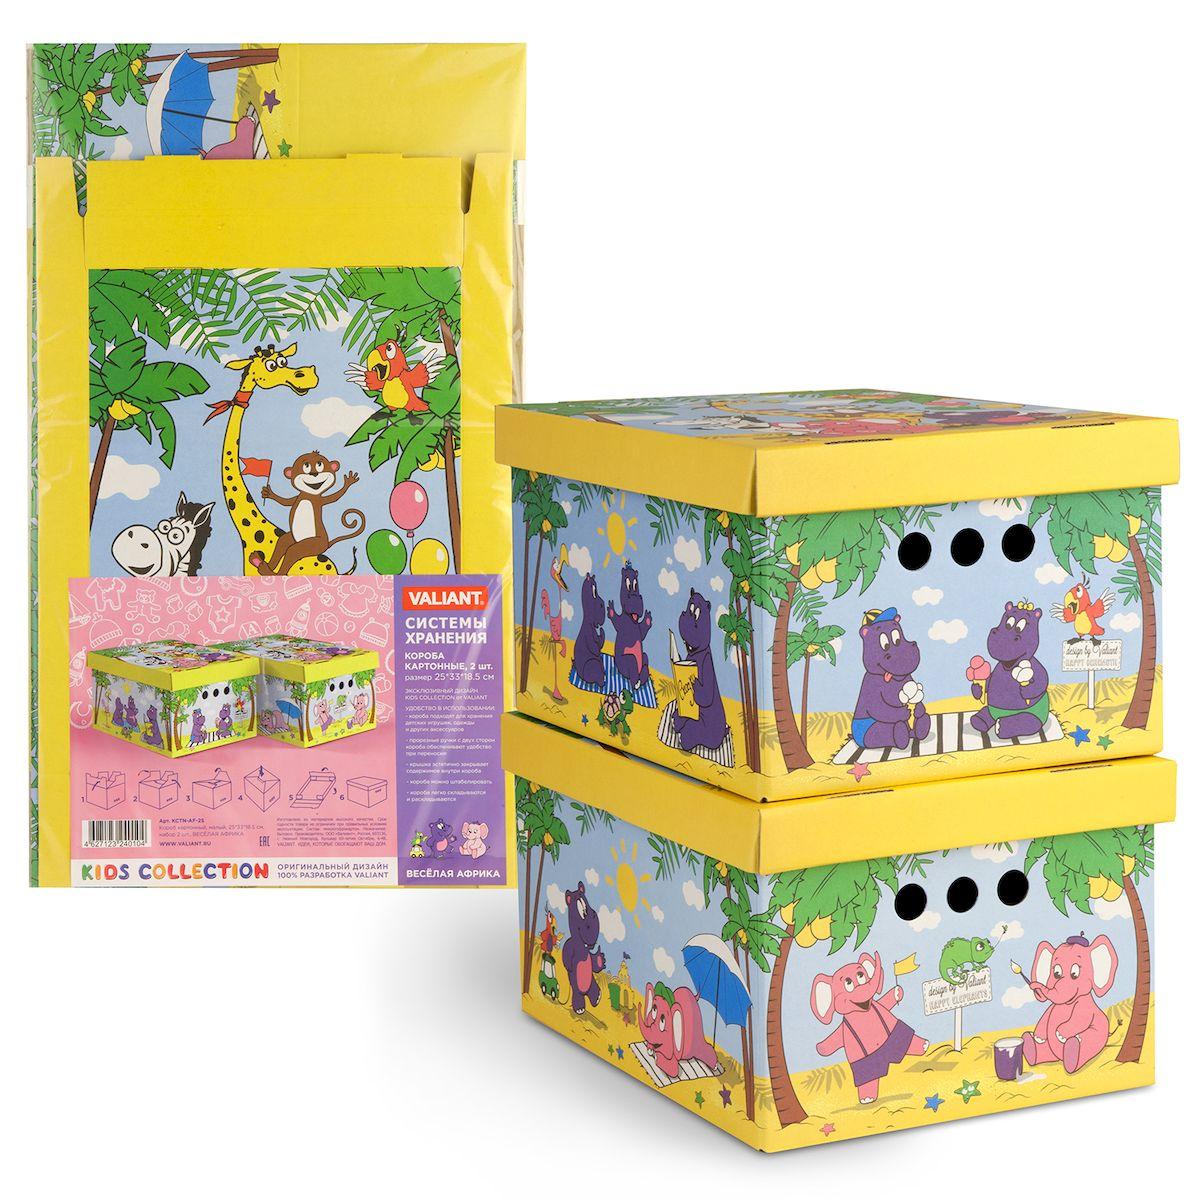 Короб для хранения Valiant Веселая Африка, 25х33х18,5 см, складной, 2 штKCTN-AF-2SКороб картонный Valiant Веселая Африка легкий и прочный. Короб являются самосборным (на упаковке имеется удобная инструкция по сборке). Благодаря прорезным ручкам с двух сторон коробку удобно поднимать и переносить.